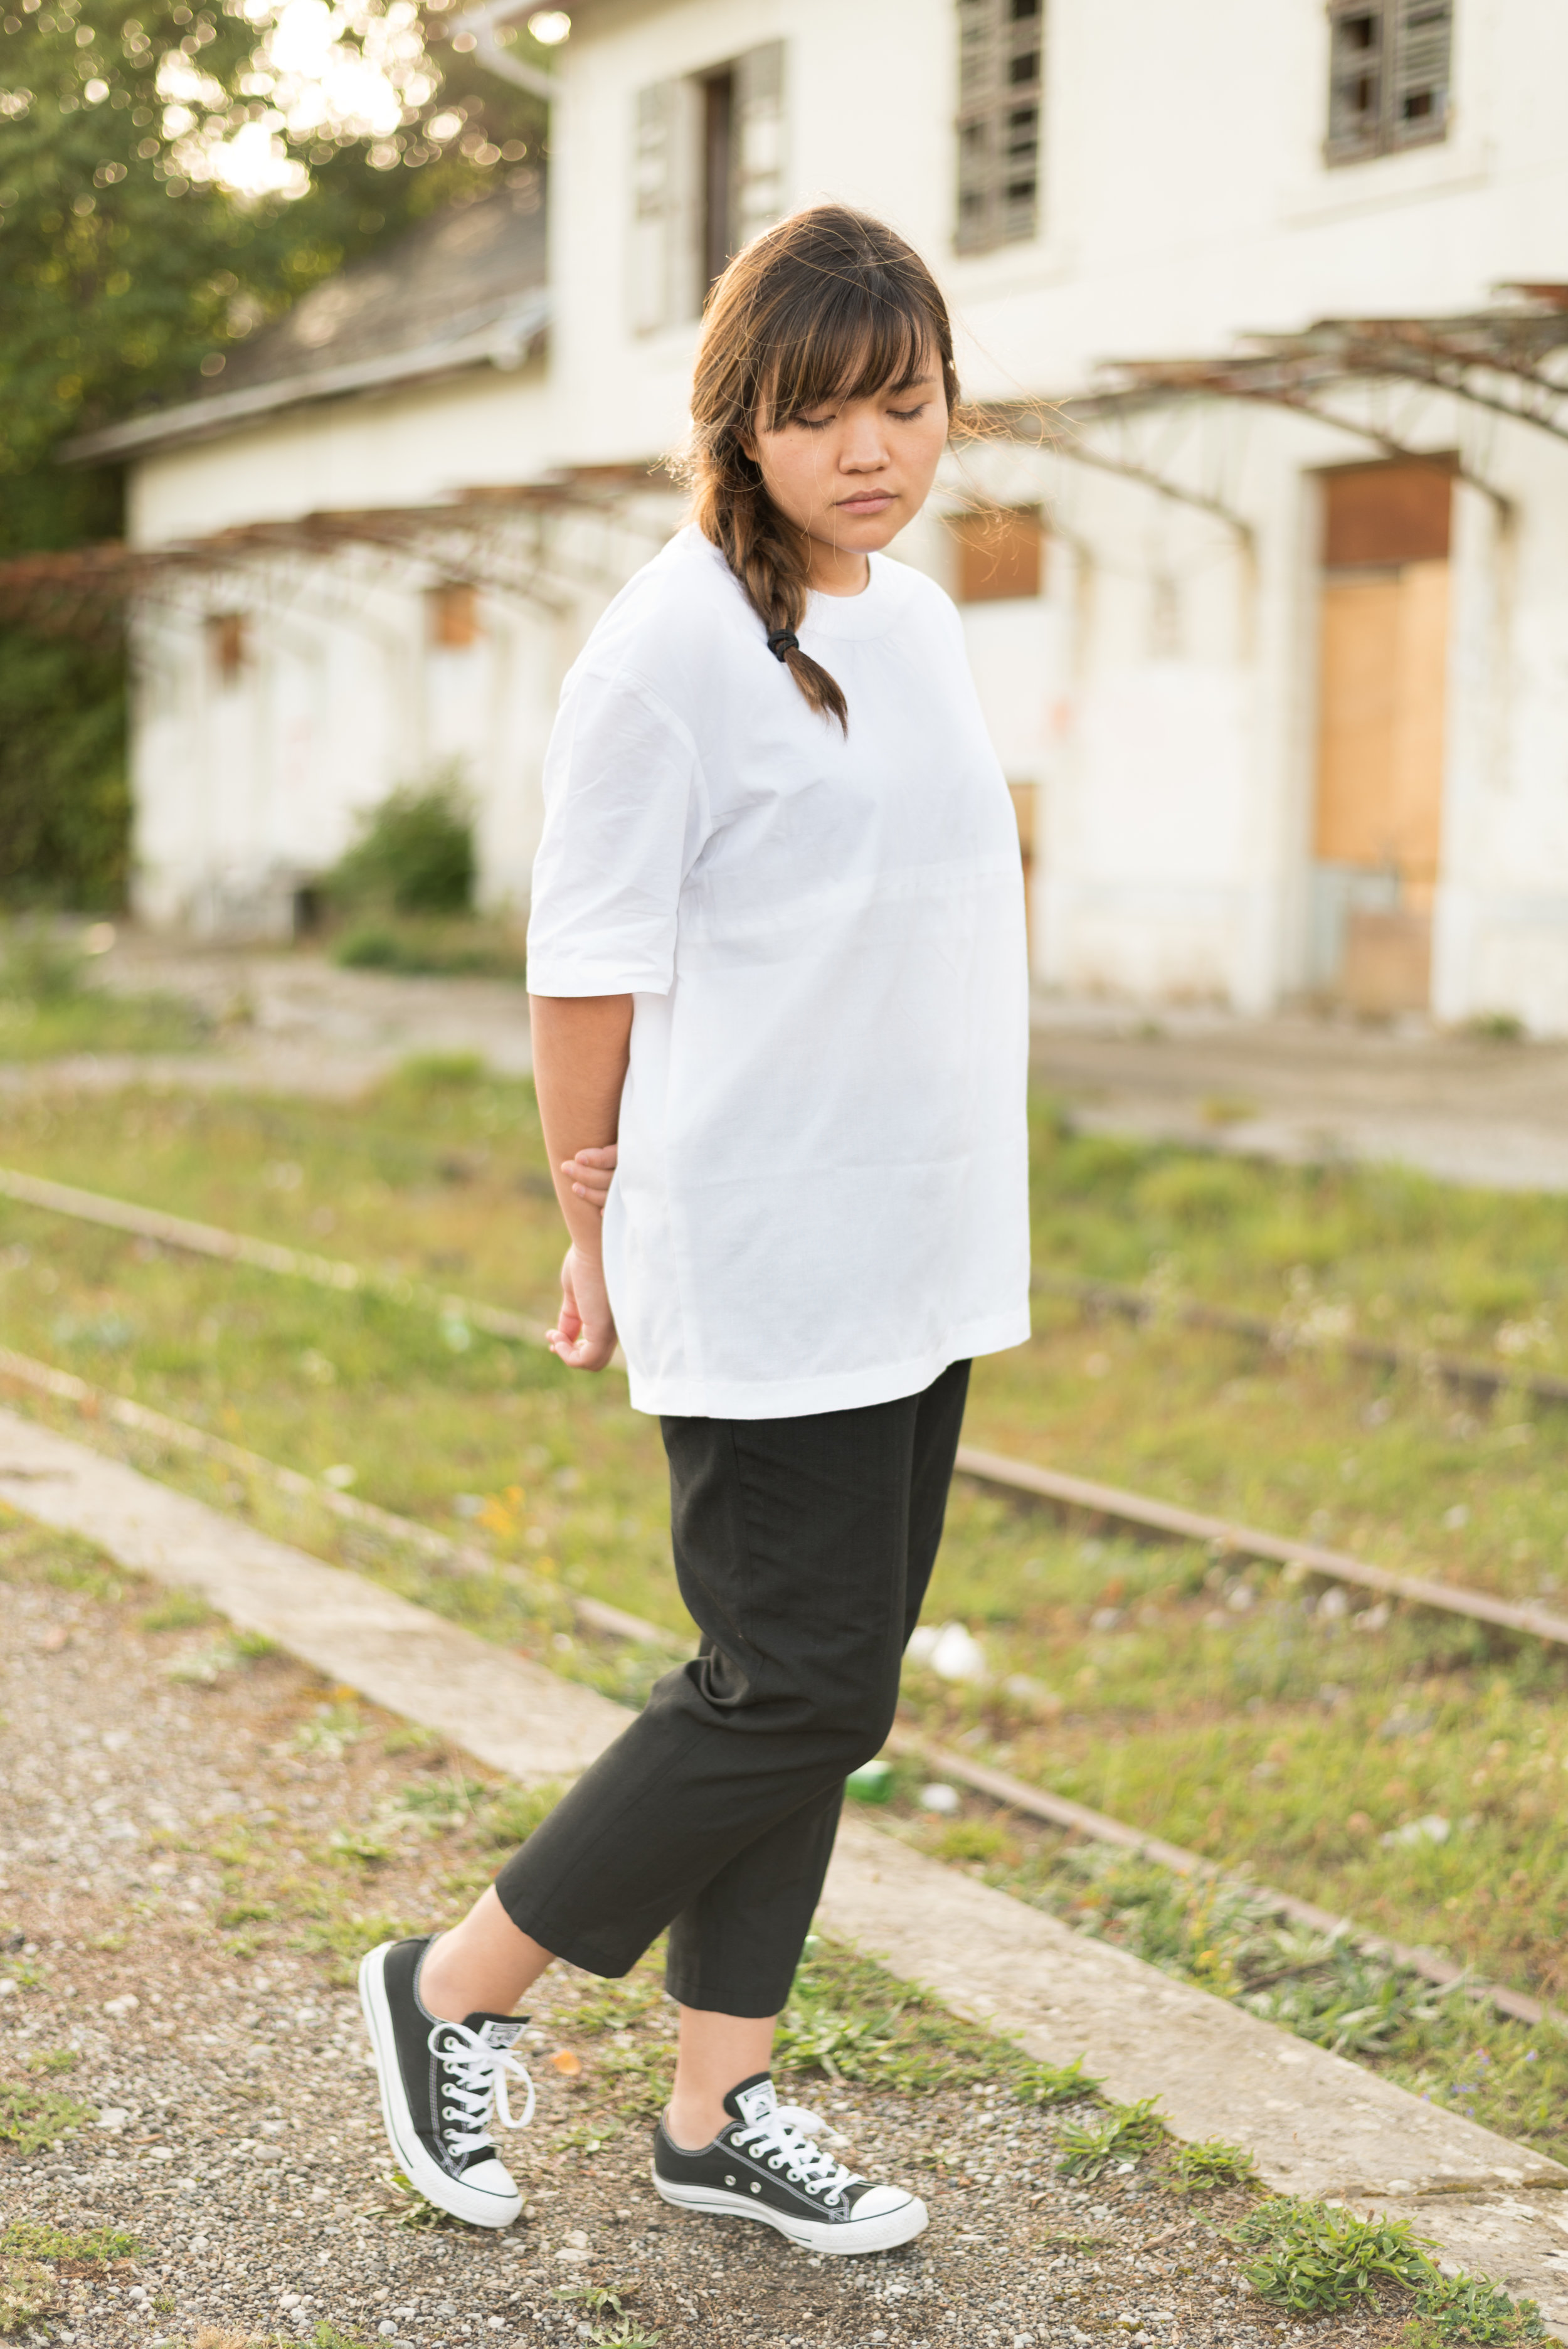 Dresscape_Our_Newnisex_unisex_clothing_minimalist (1).jpg